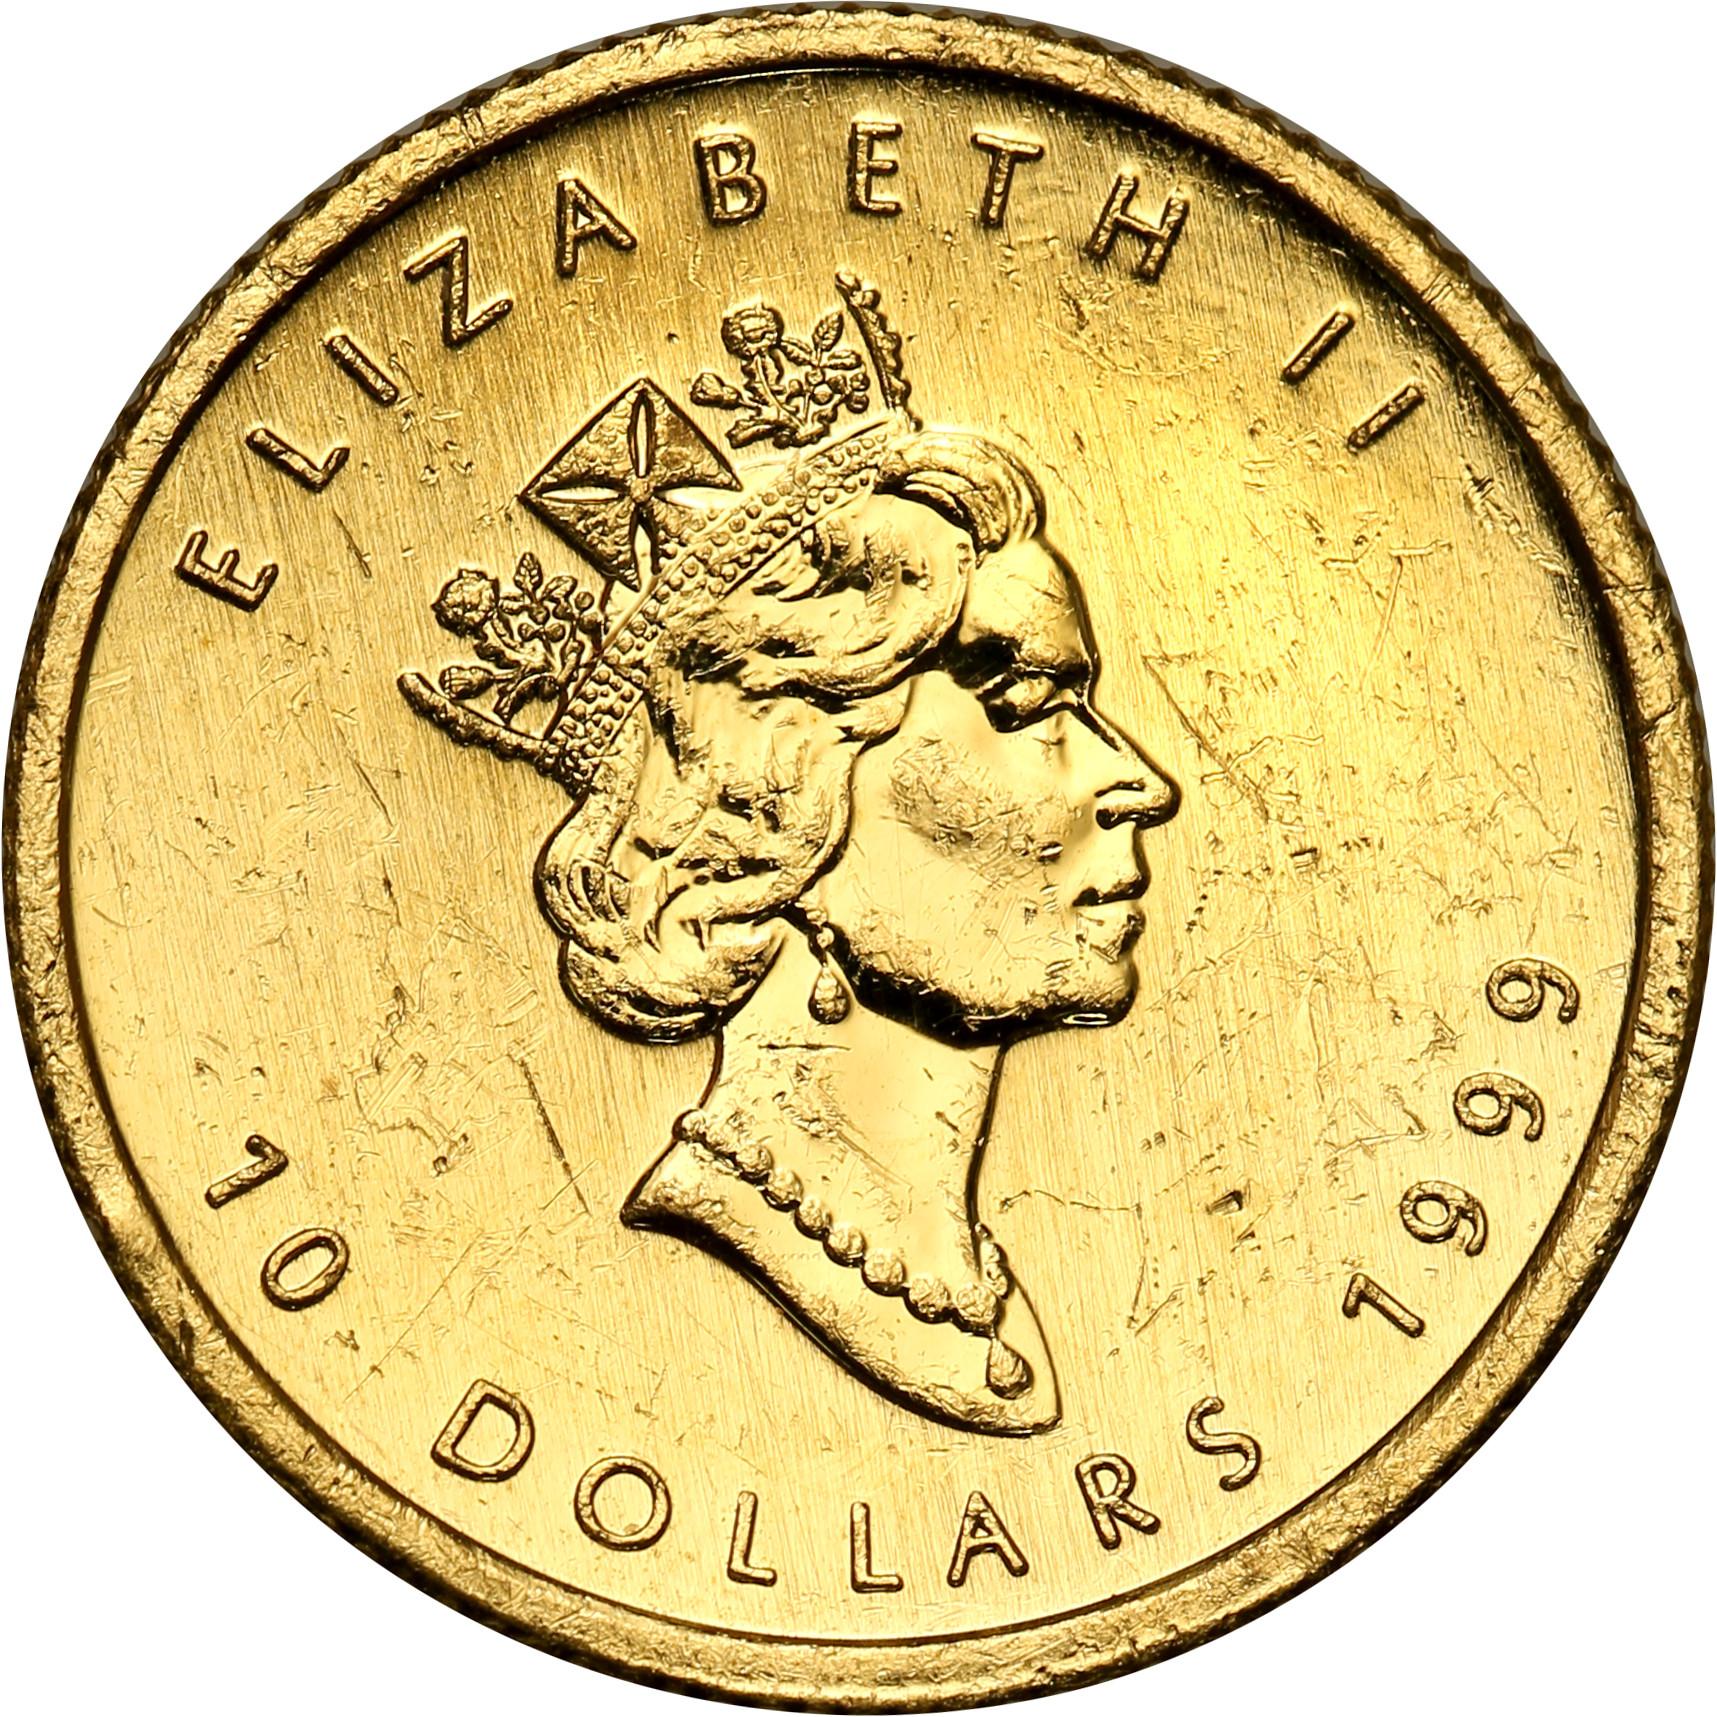 Kanada. 10 dolarów 1999 Liść Klonowy st. 1 – 1/4 uncji złota